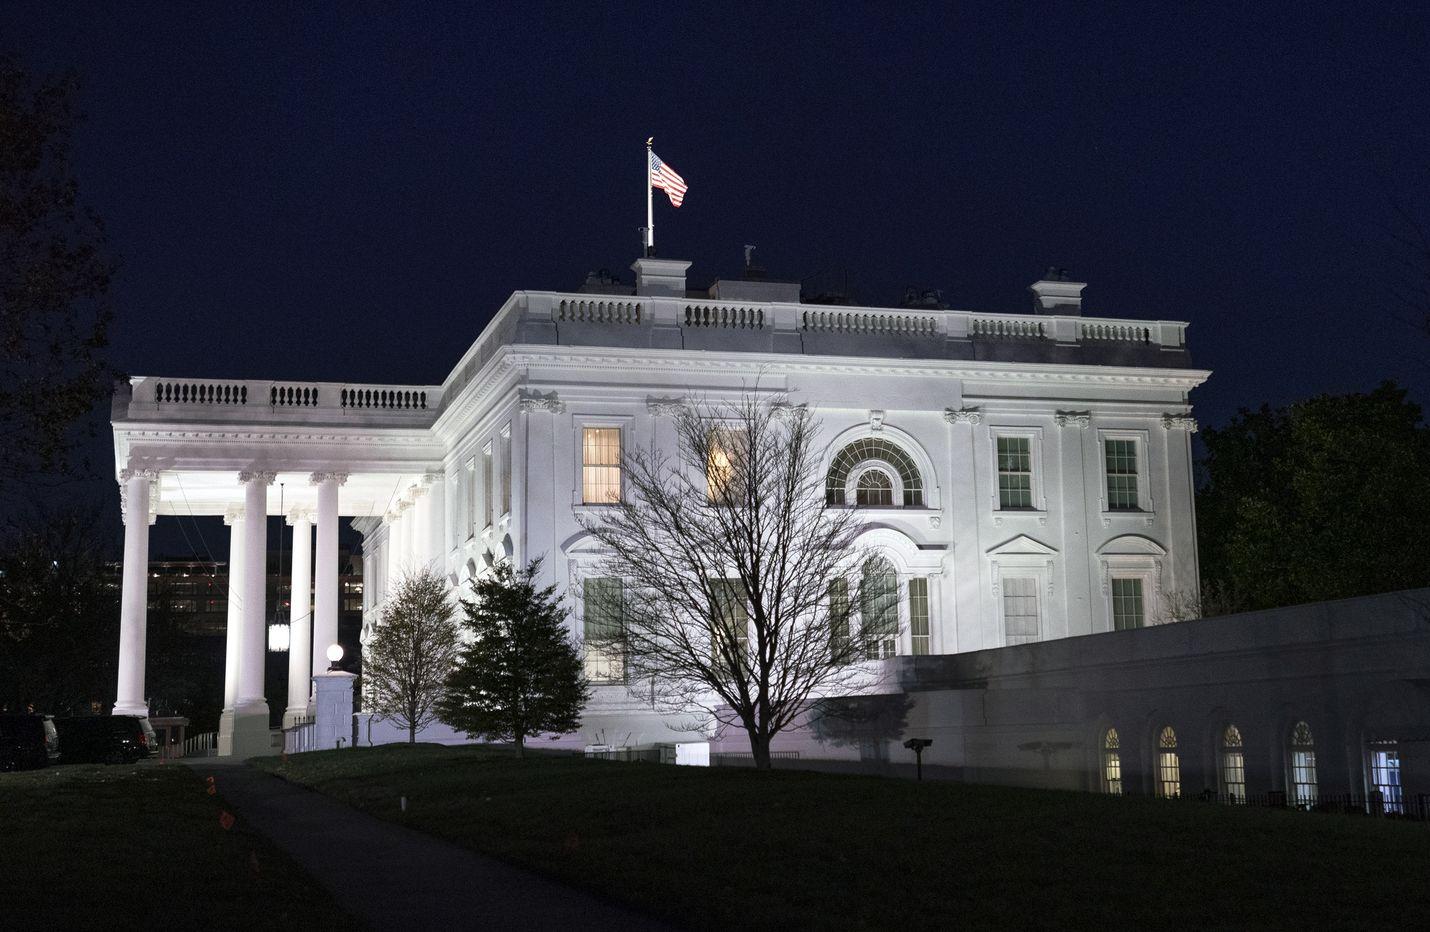 Yhdysvalloissa selvitetään julkistettujen asiakirjojen mukaan, onko Valkoiseen taloon siirretty rahaa presidentin armahdusta vastaan. Arkistokuva.